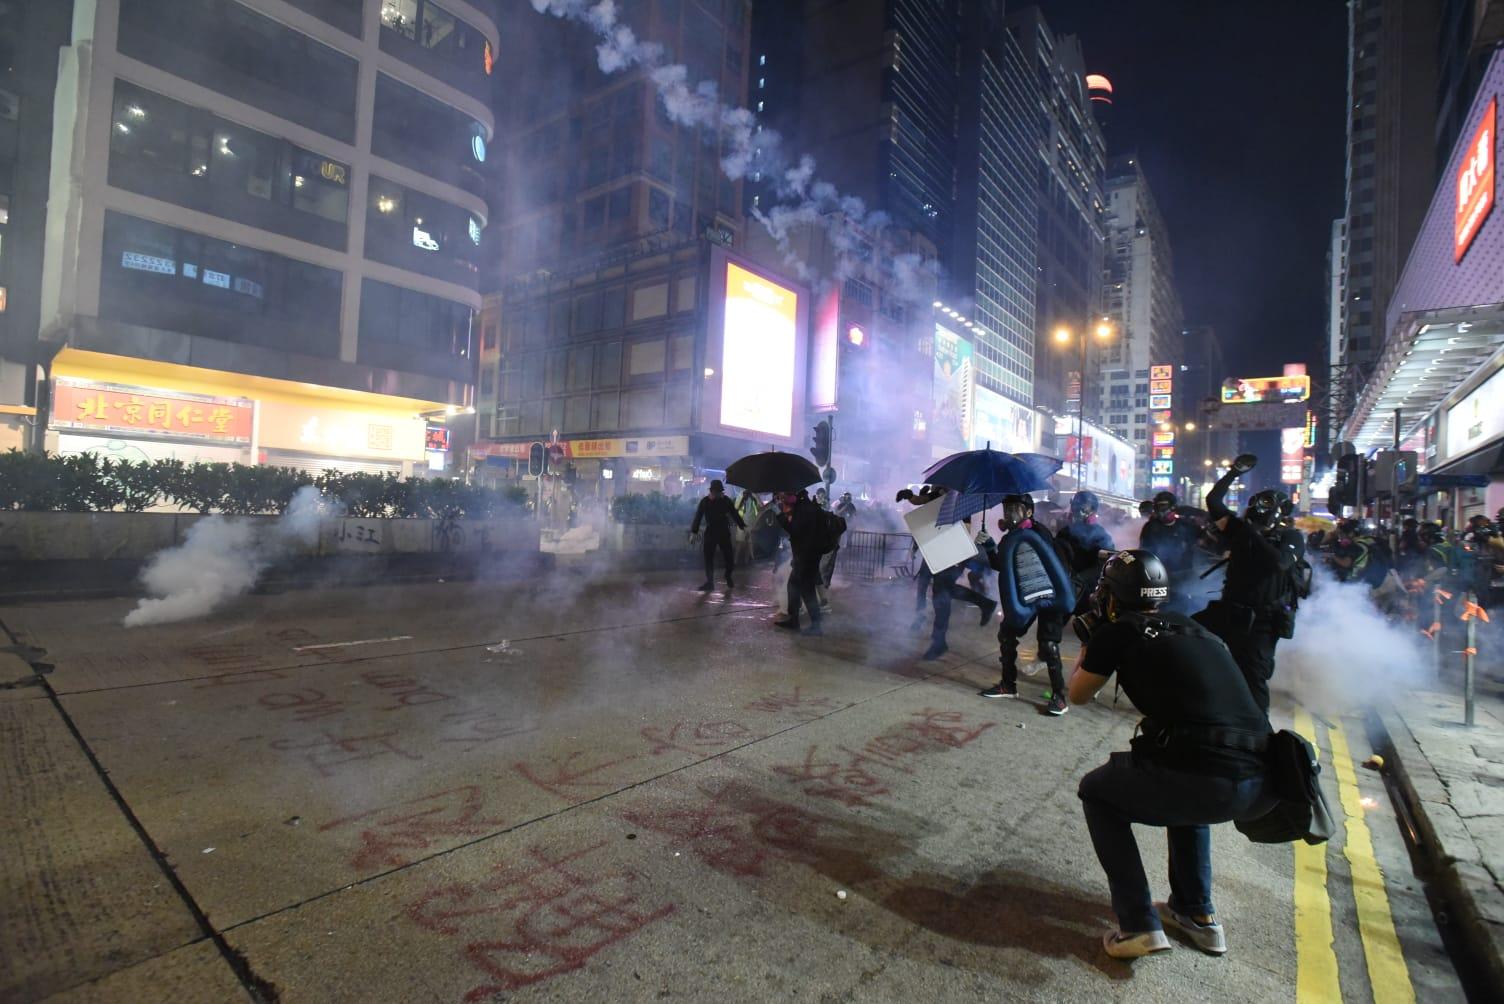 【修例風波】警旺角連發多枚催淚彈 示威者擲汽油彈還擊